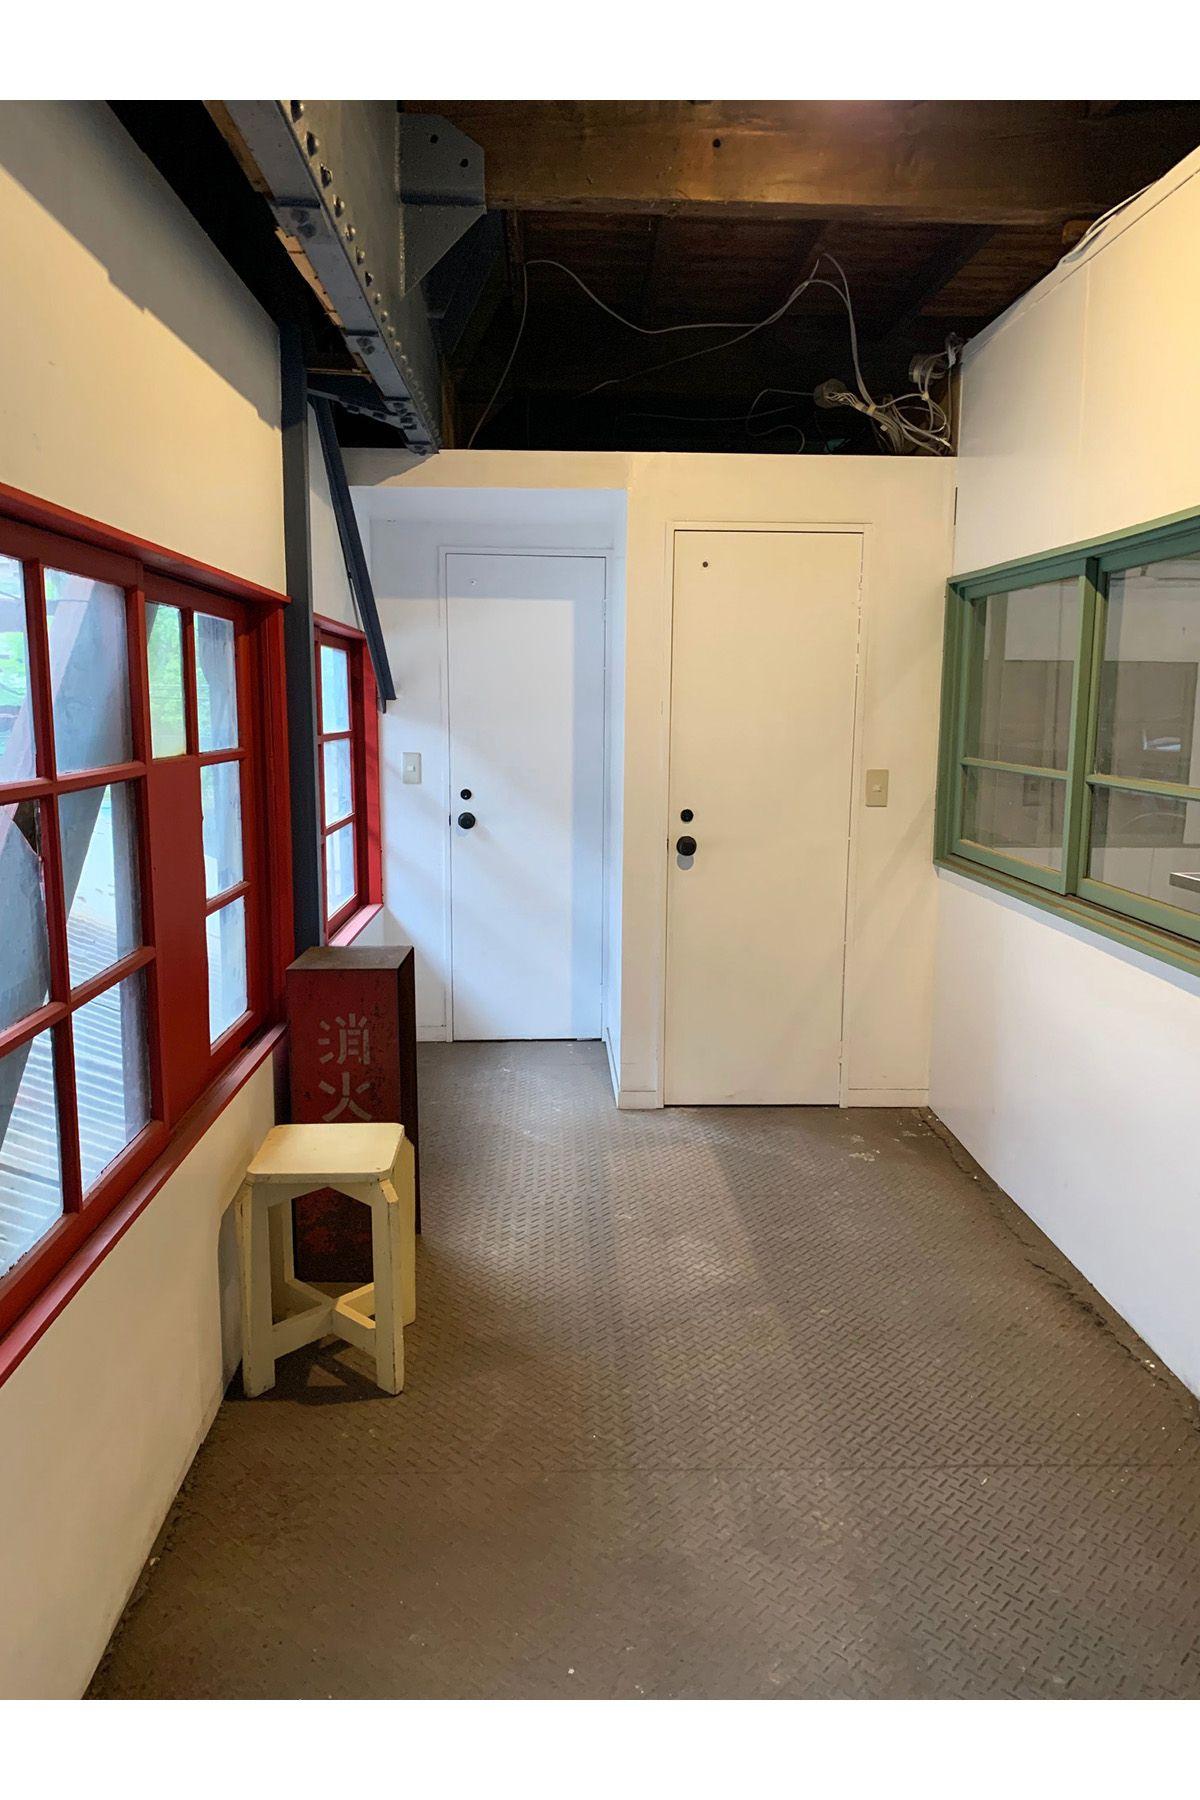 旧海岸第八スタジオトイレ前でも撮影できる